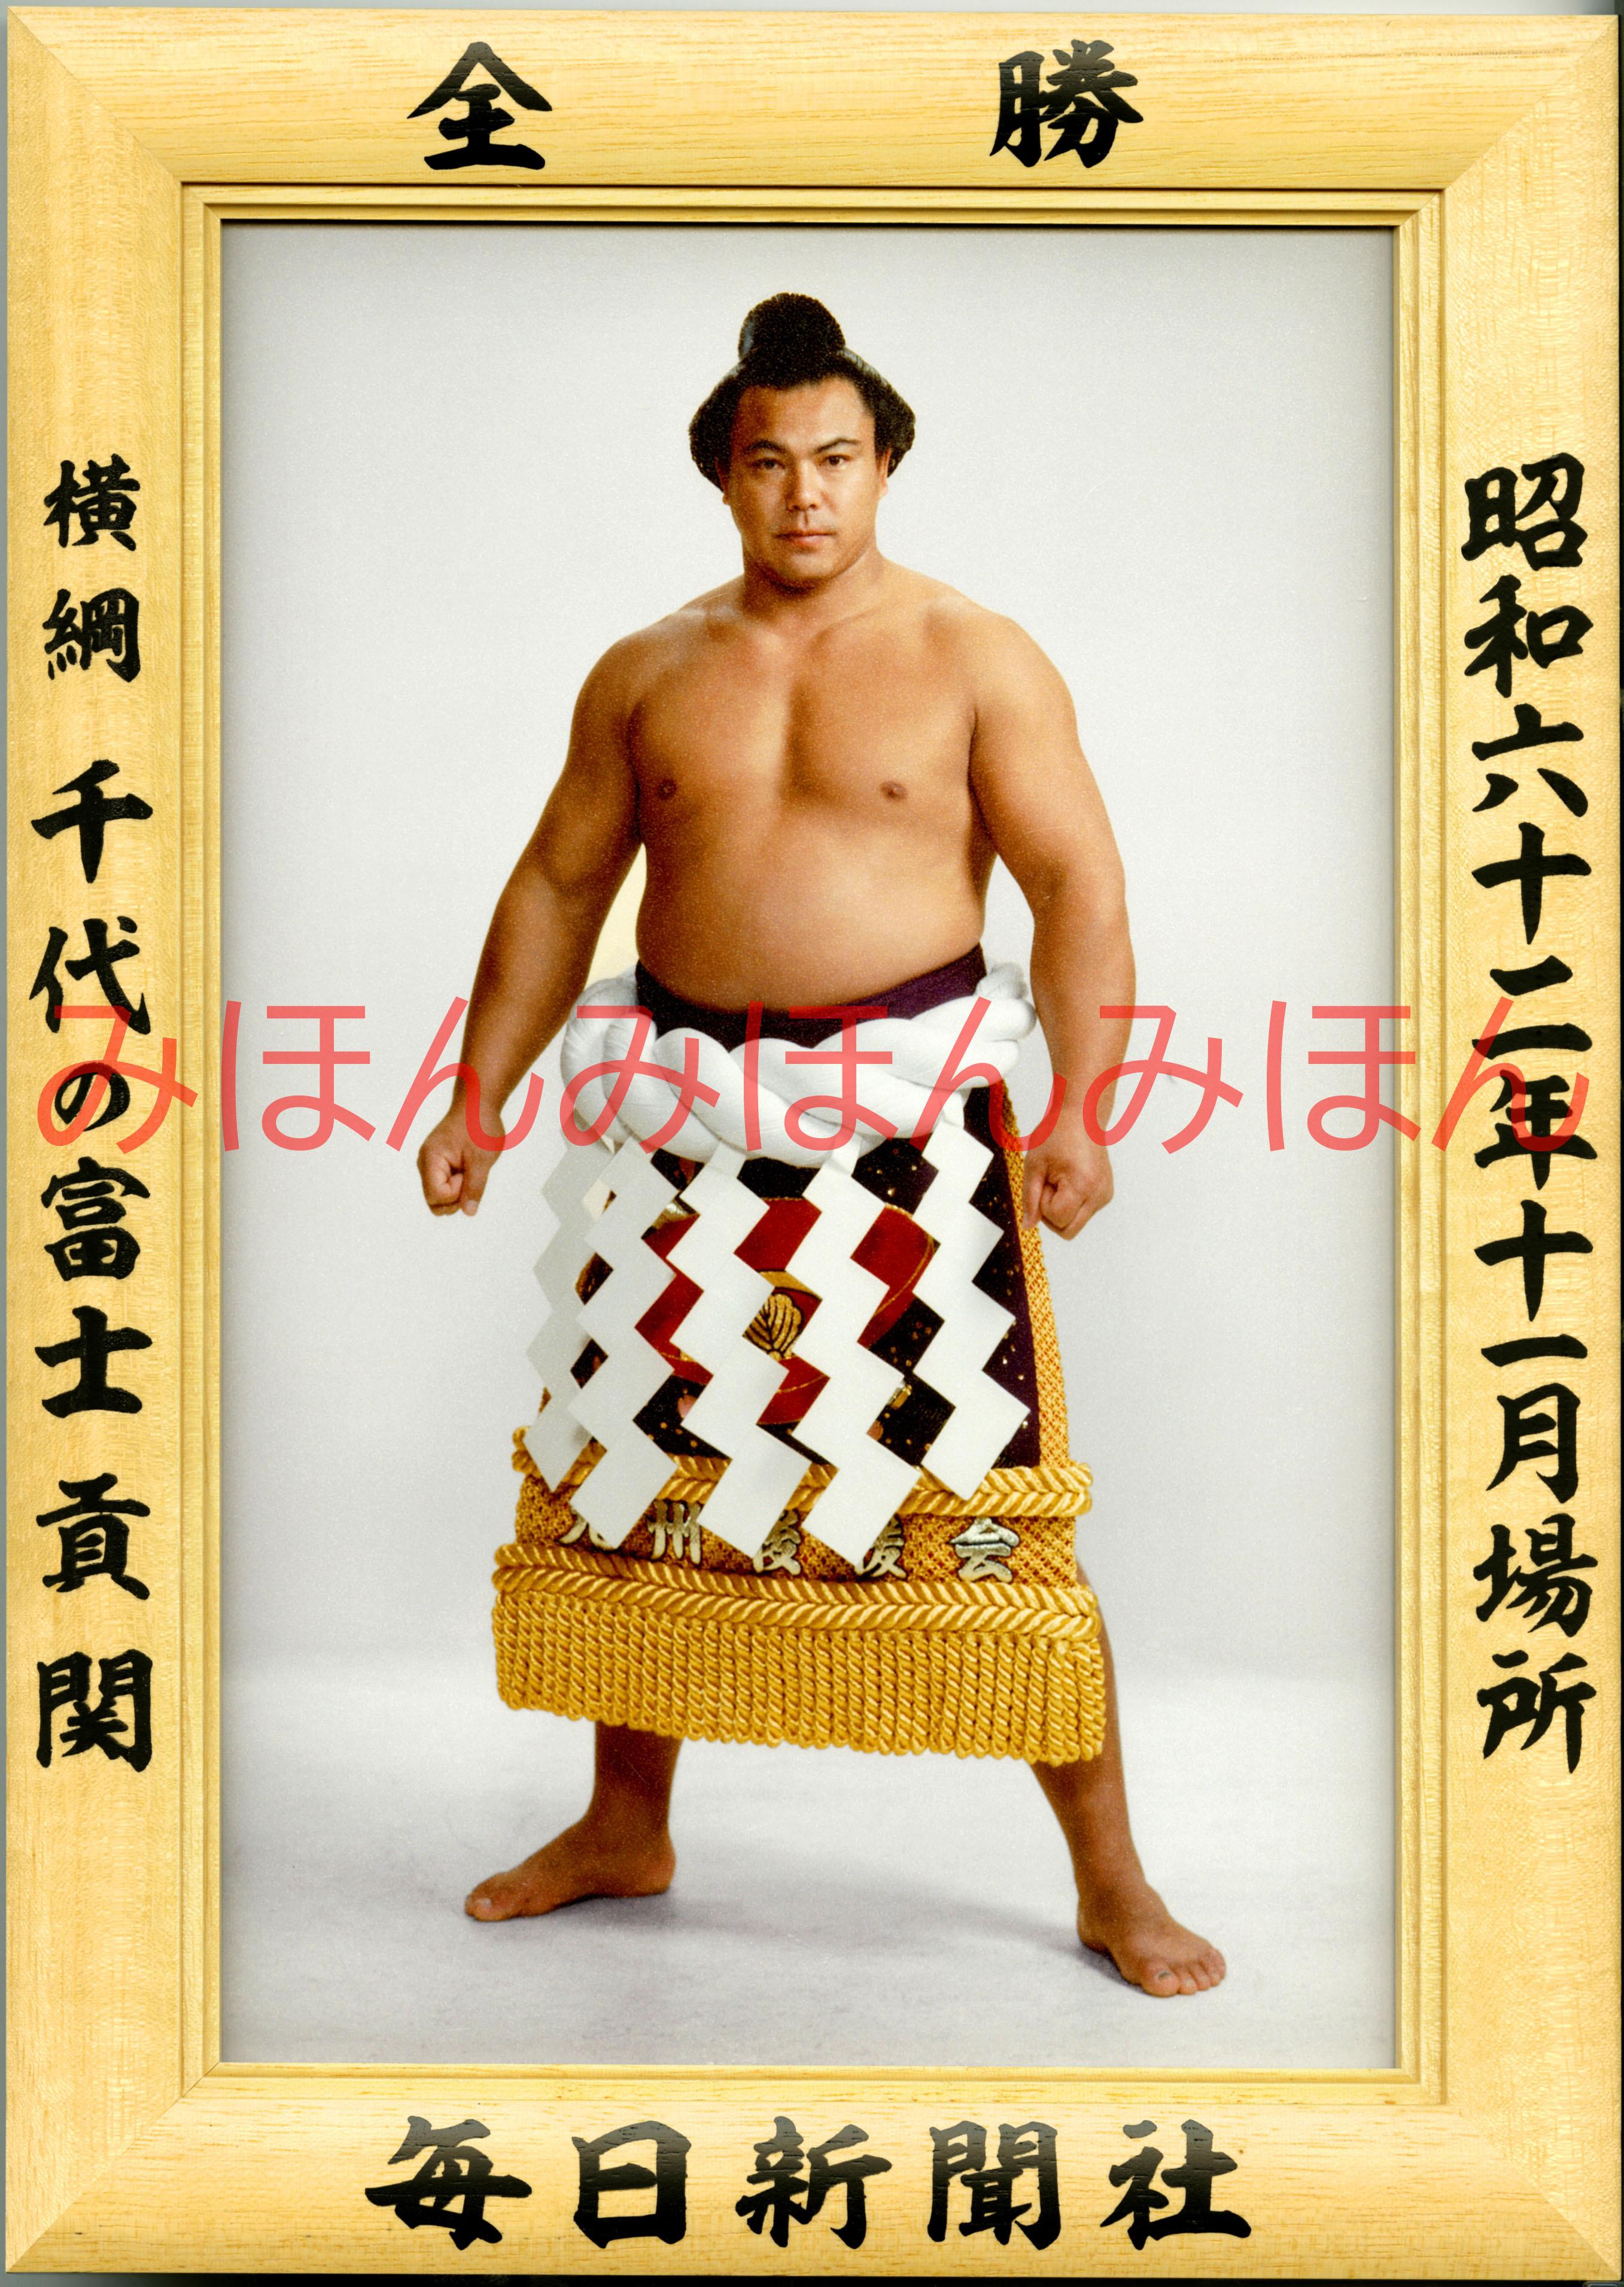 昭和62年11月場所全勝 横綱 千代の富士貢関(22回目の優勝)